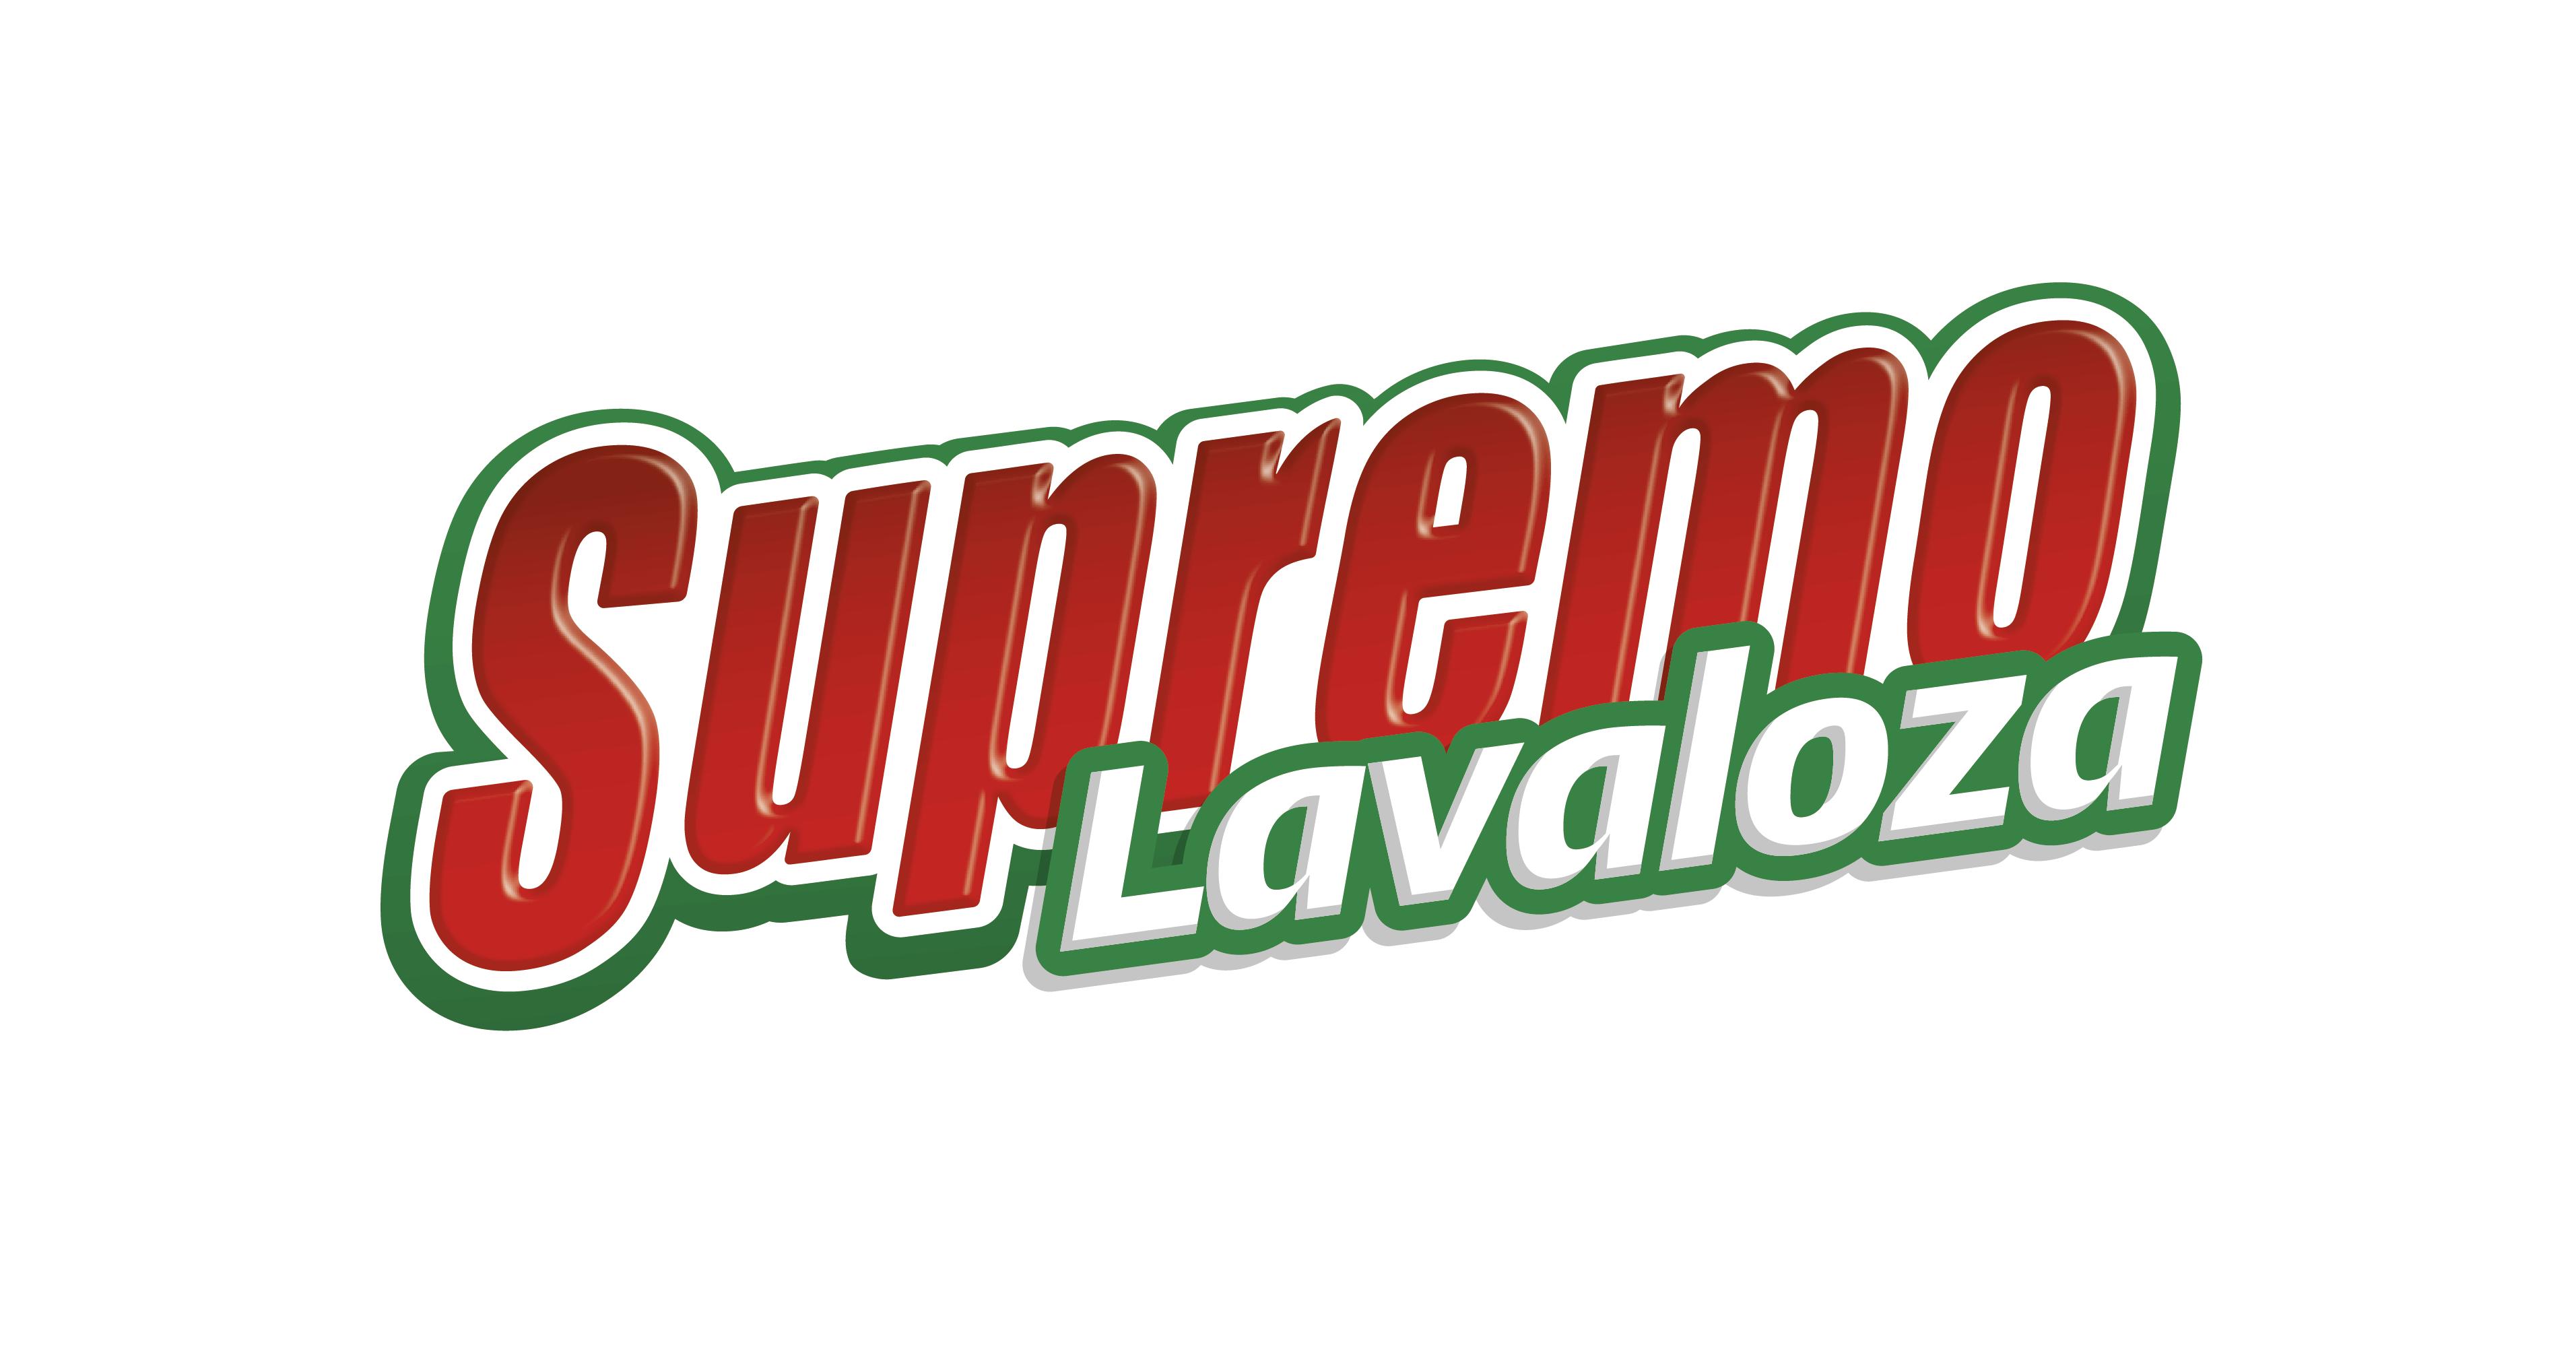 Logo Supremo Lava Loza